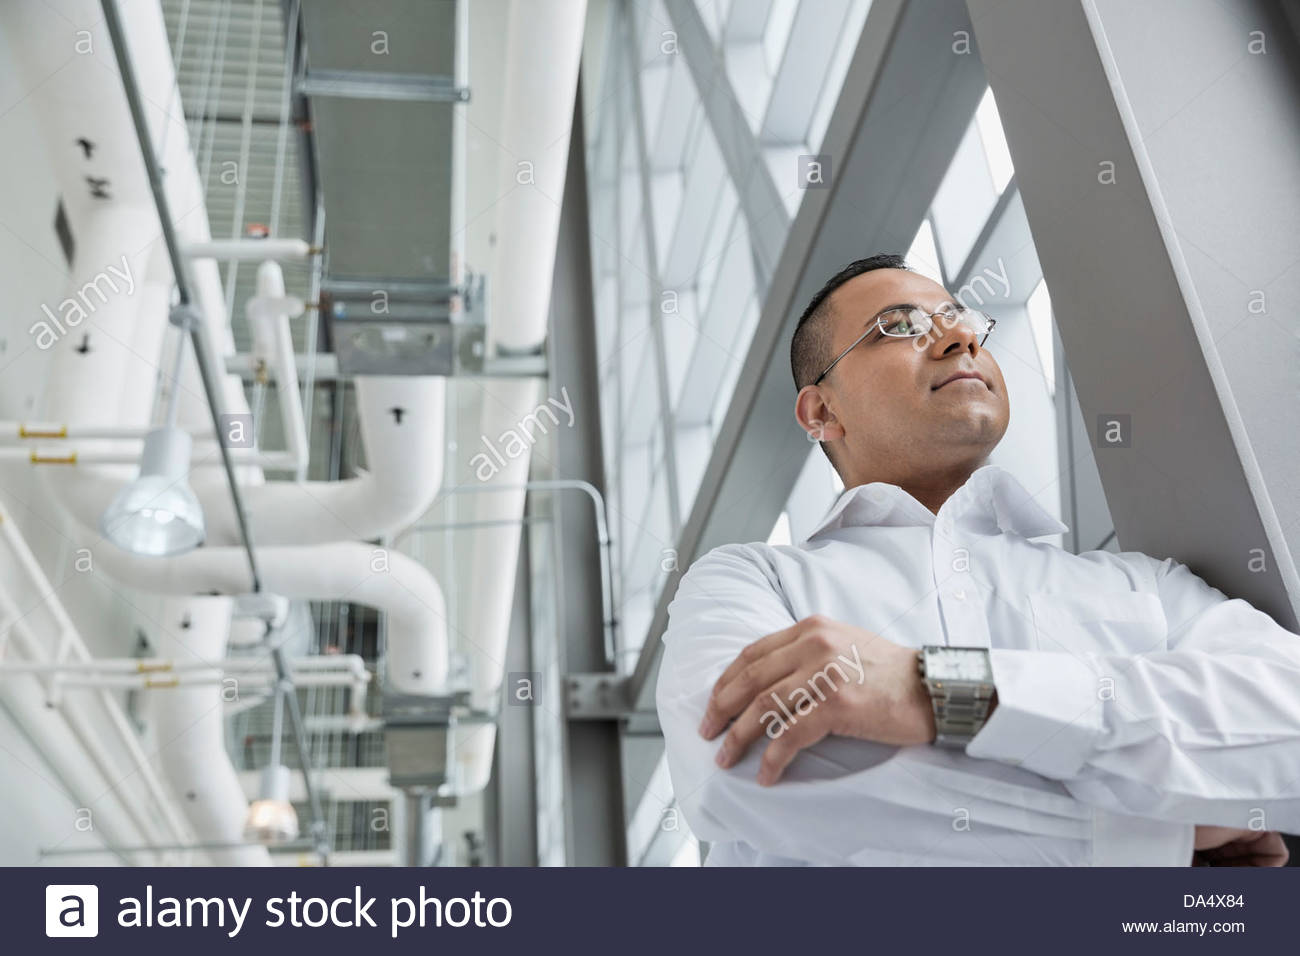 Ángulo de visión baja del empresario de pie en el edificio de oficinas Imagen De Stock